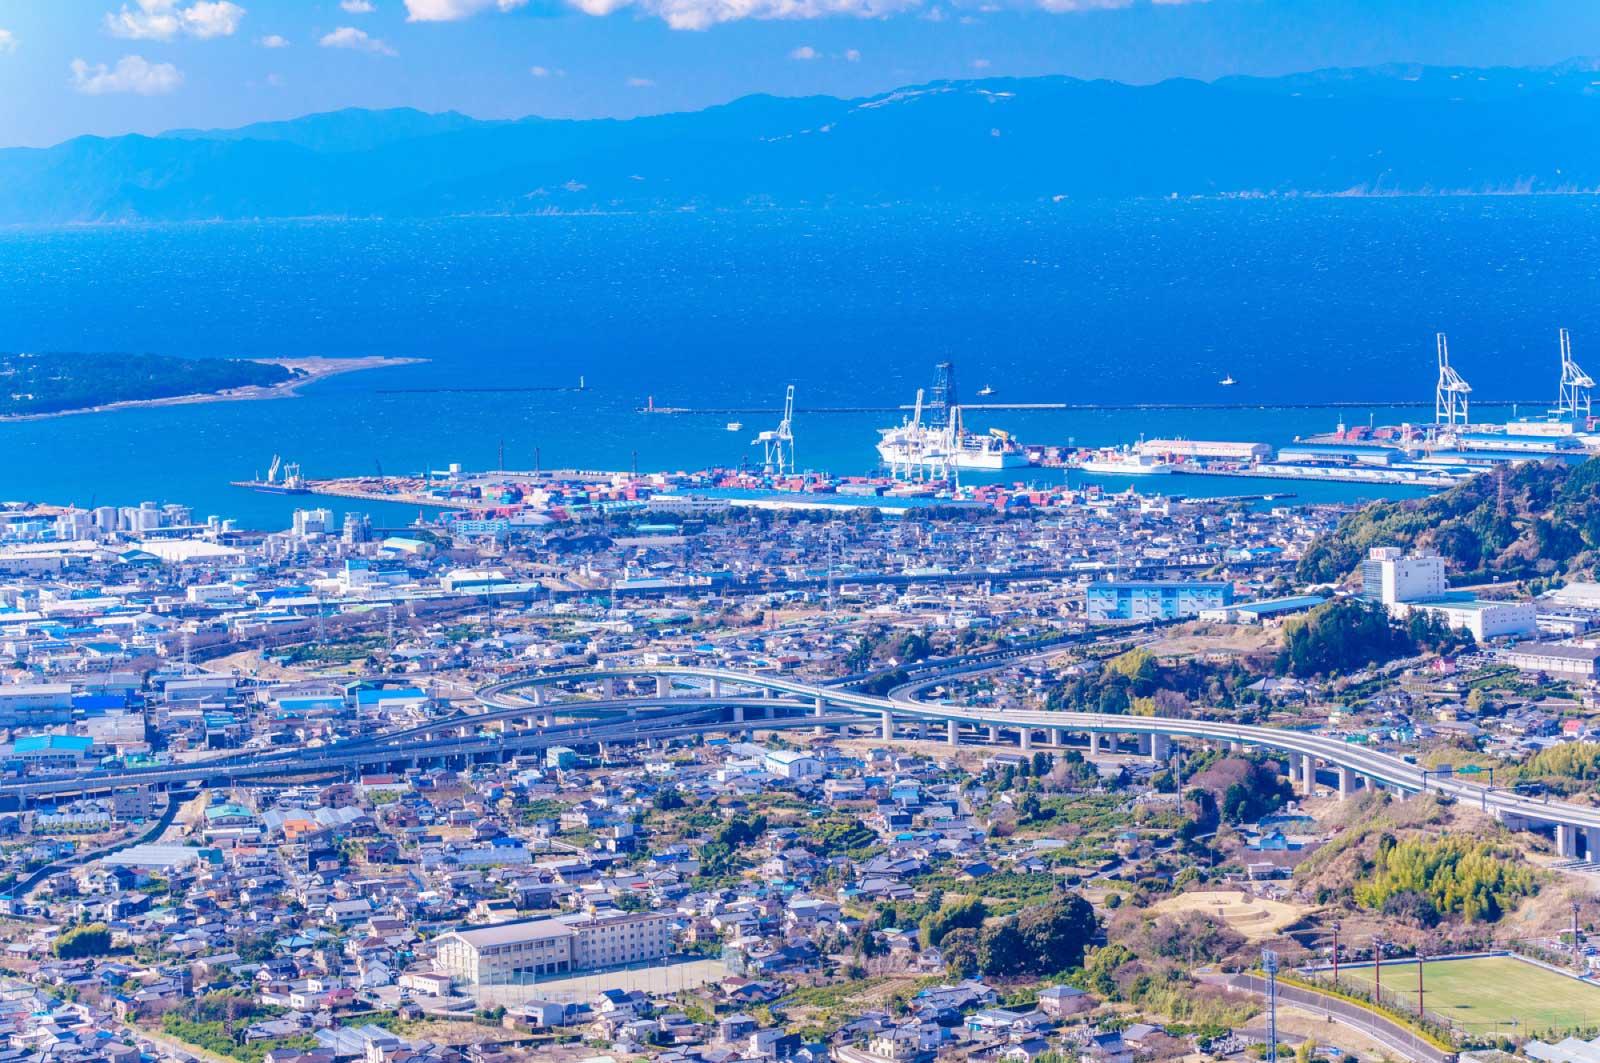 横浜、湘南、横須賀